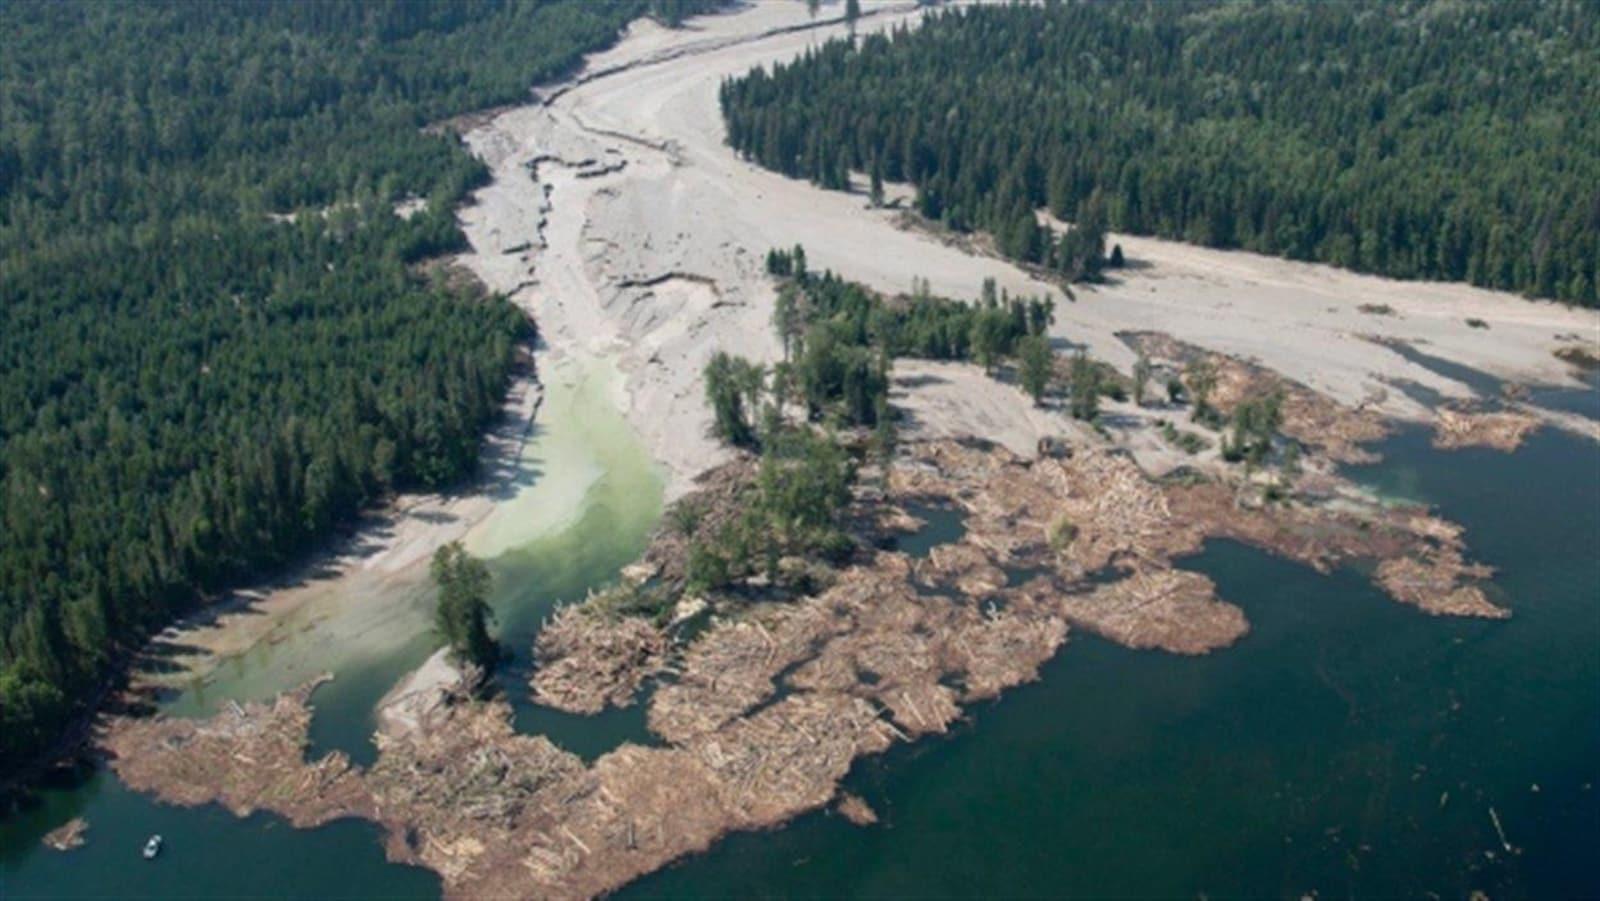 Le déversement d'eaux usées en août 2014 de la mine du Mount Polley en Colombie-Britannique